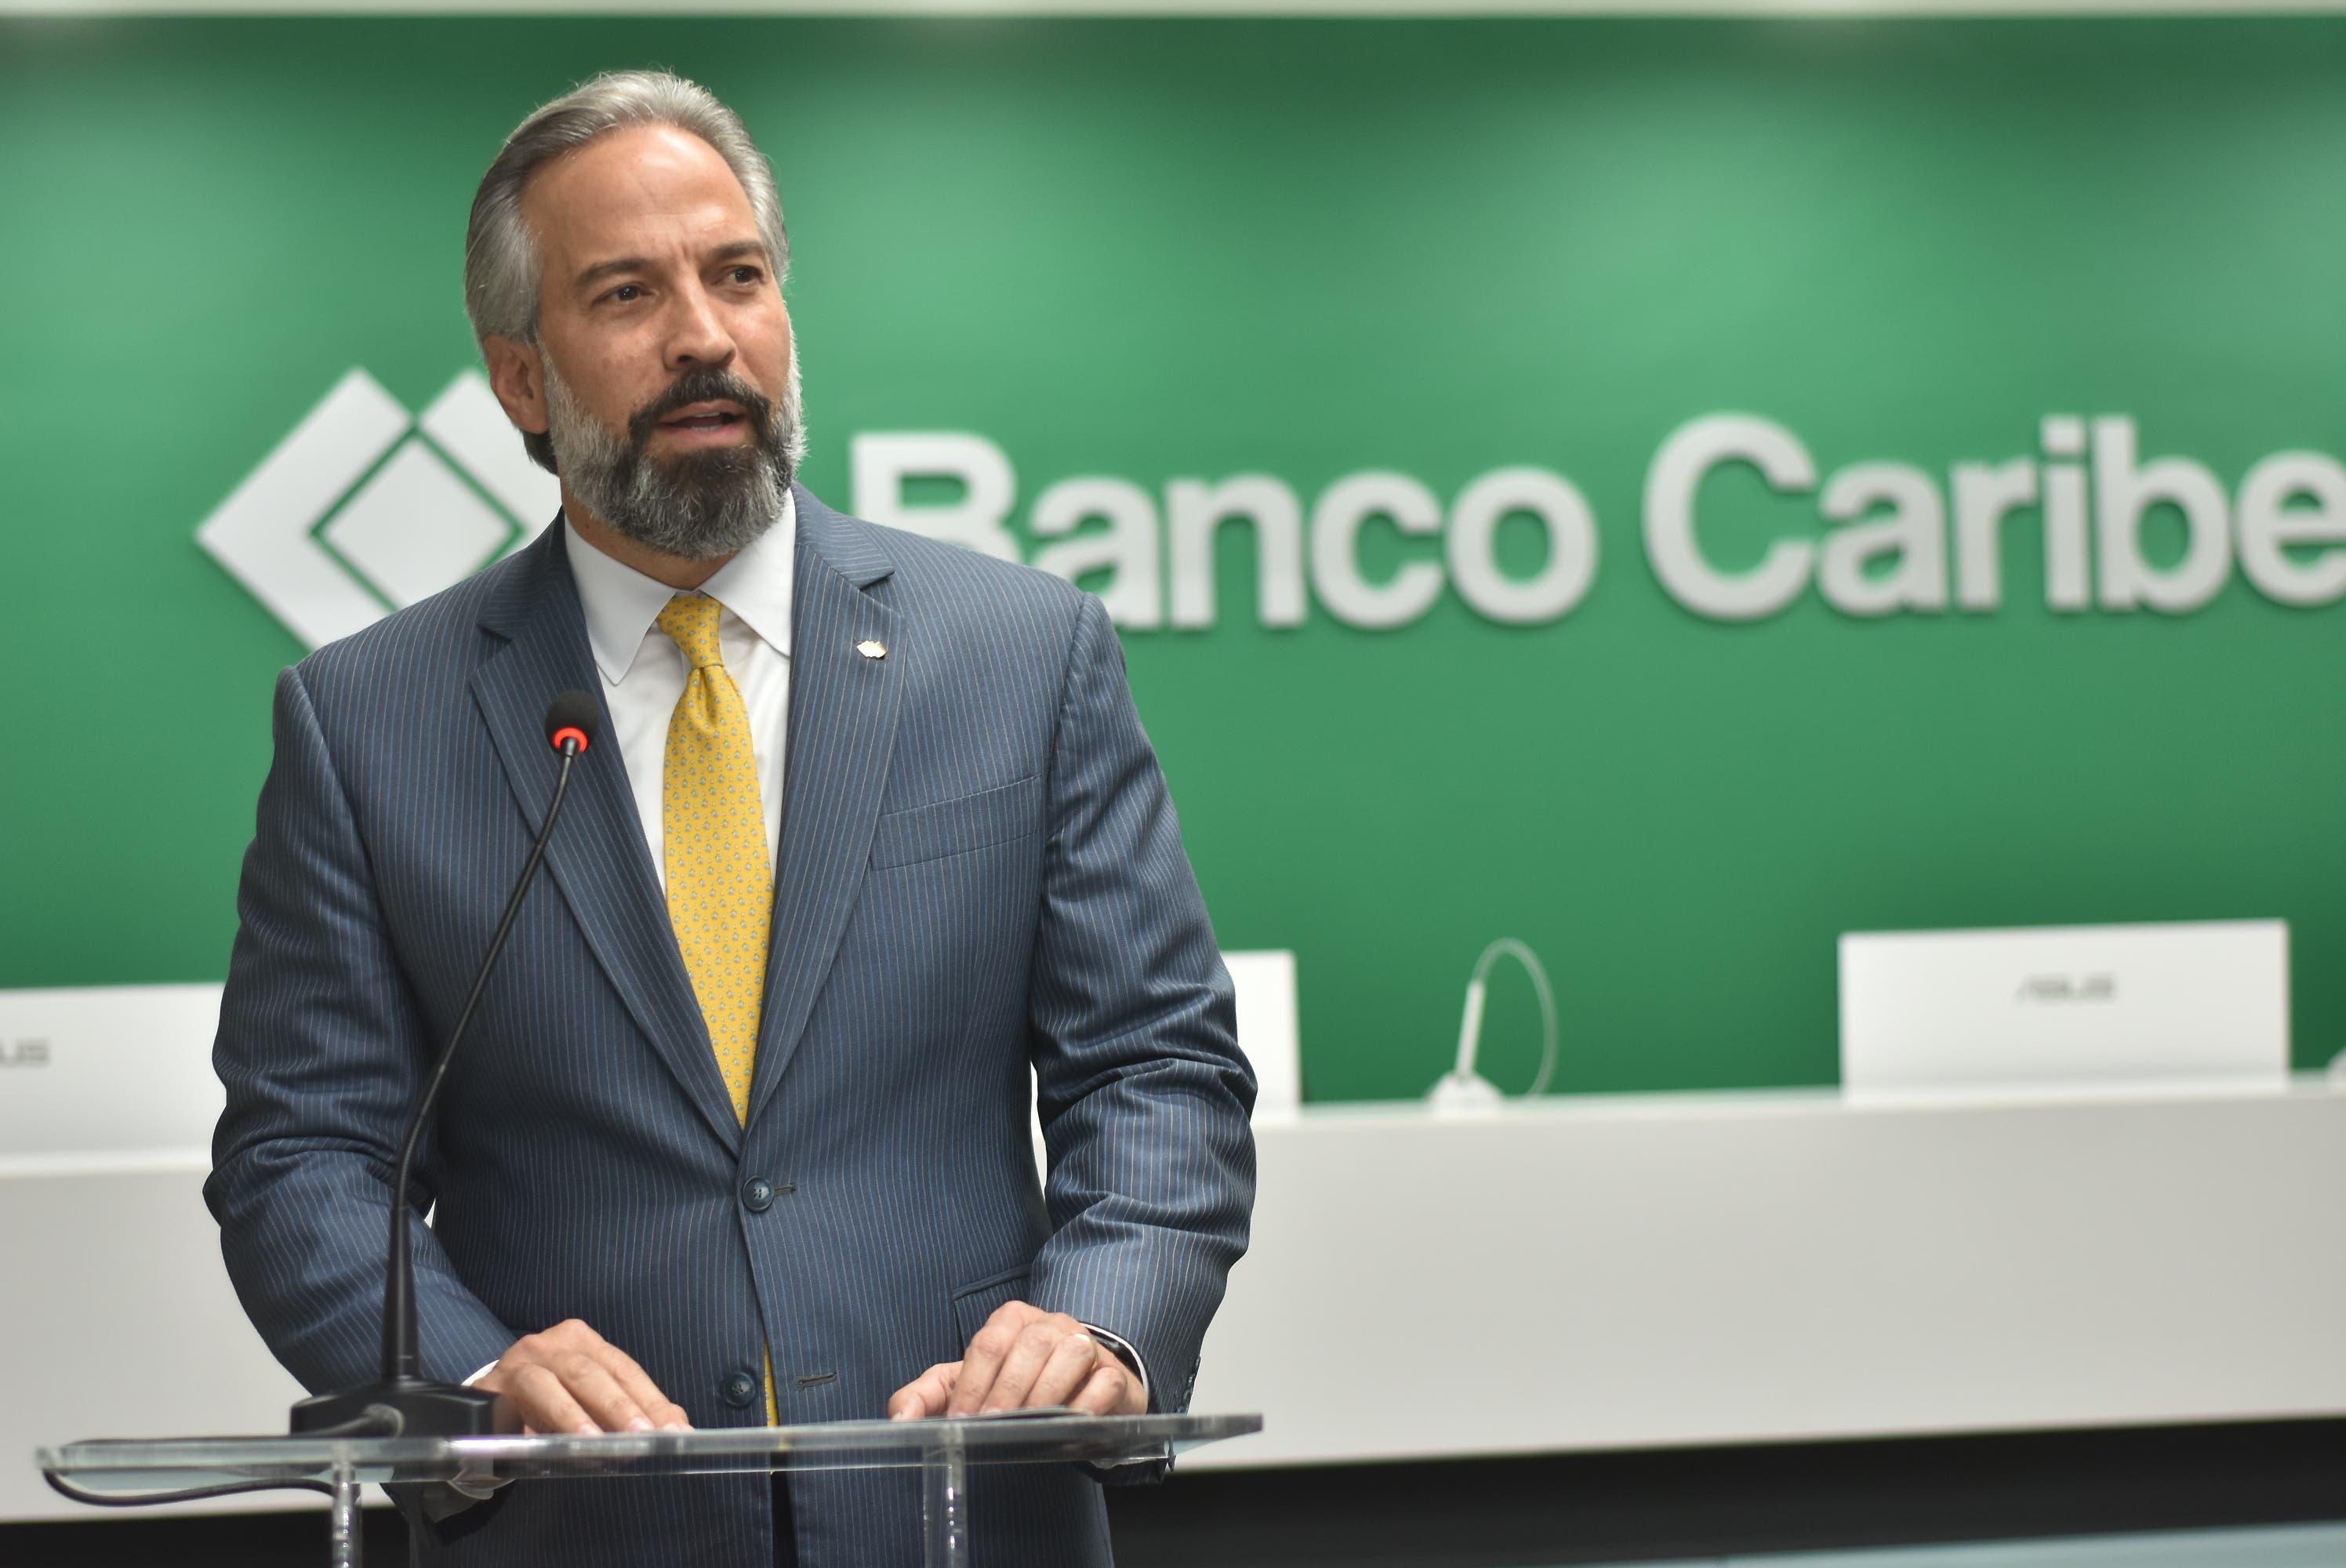 Coronavirus: Banco Caribe anuncia facilidades, cambios de horarios y cierre temporal de sucursales